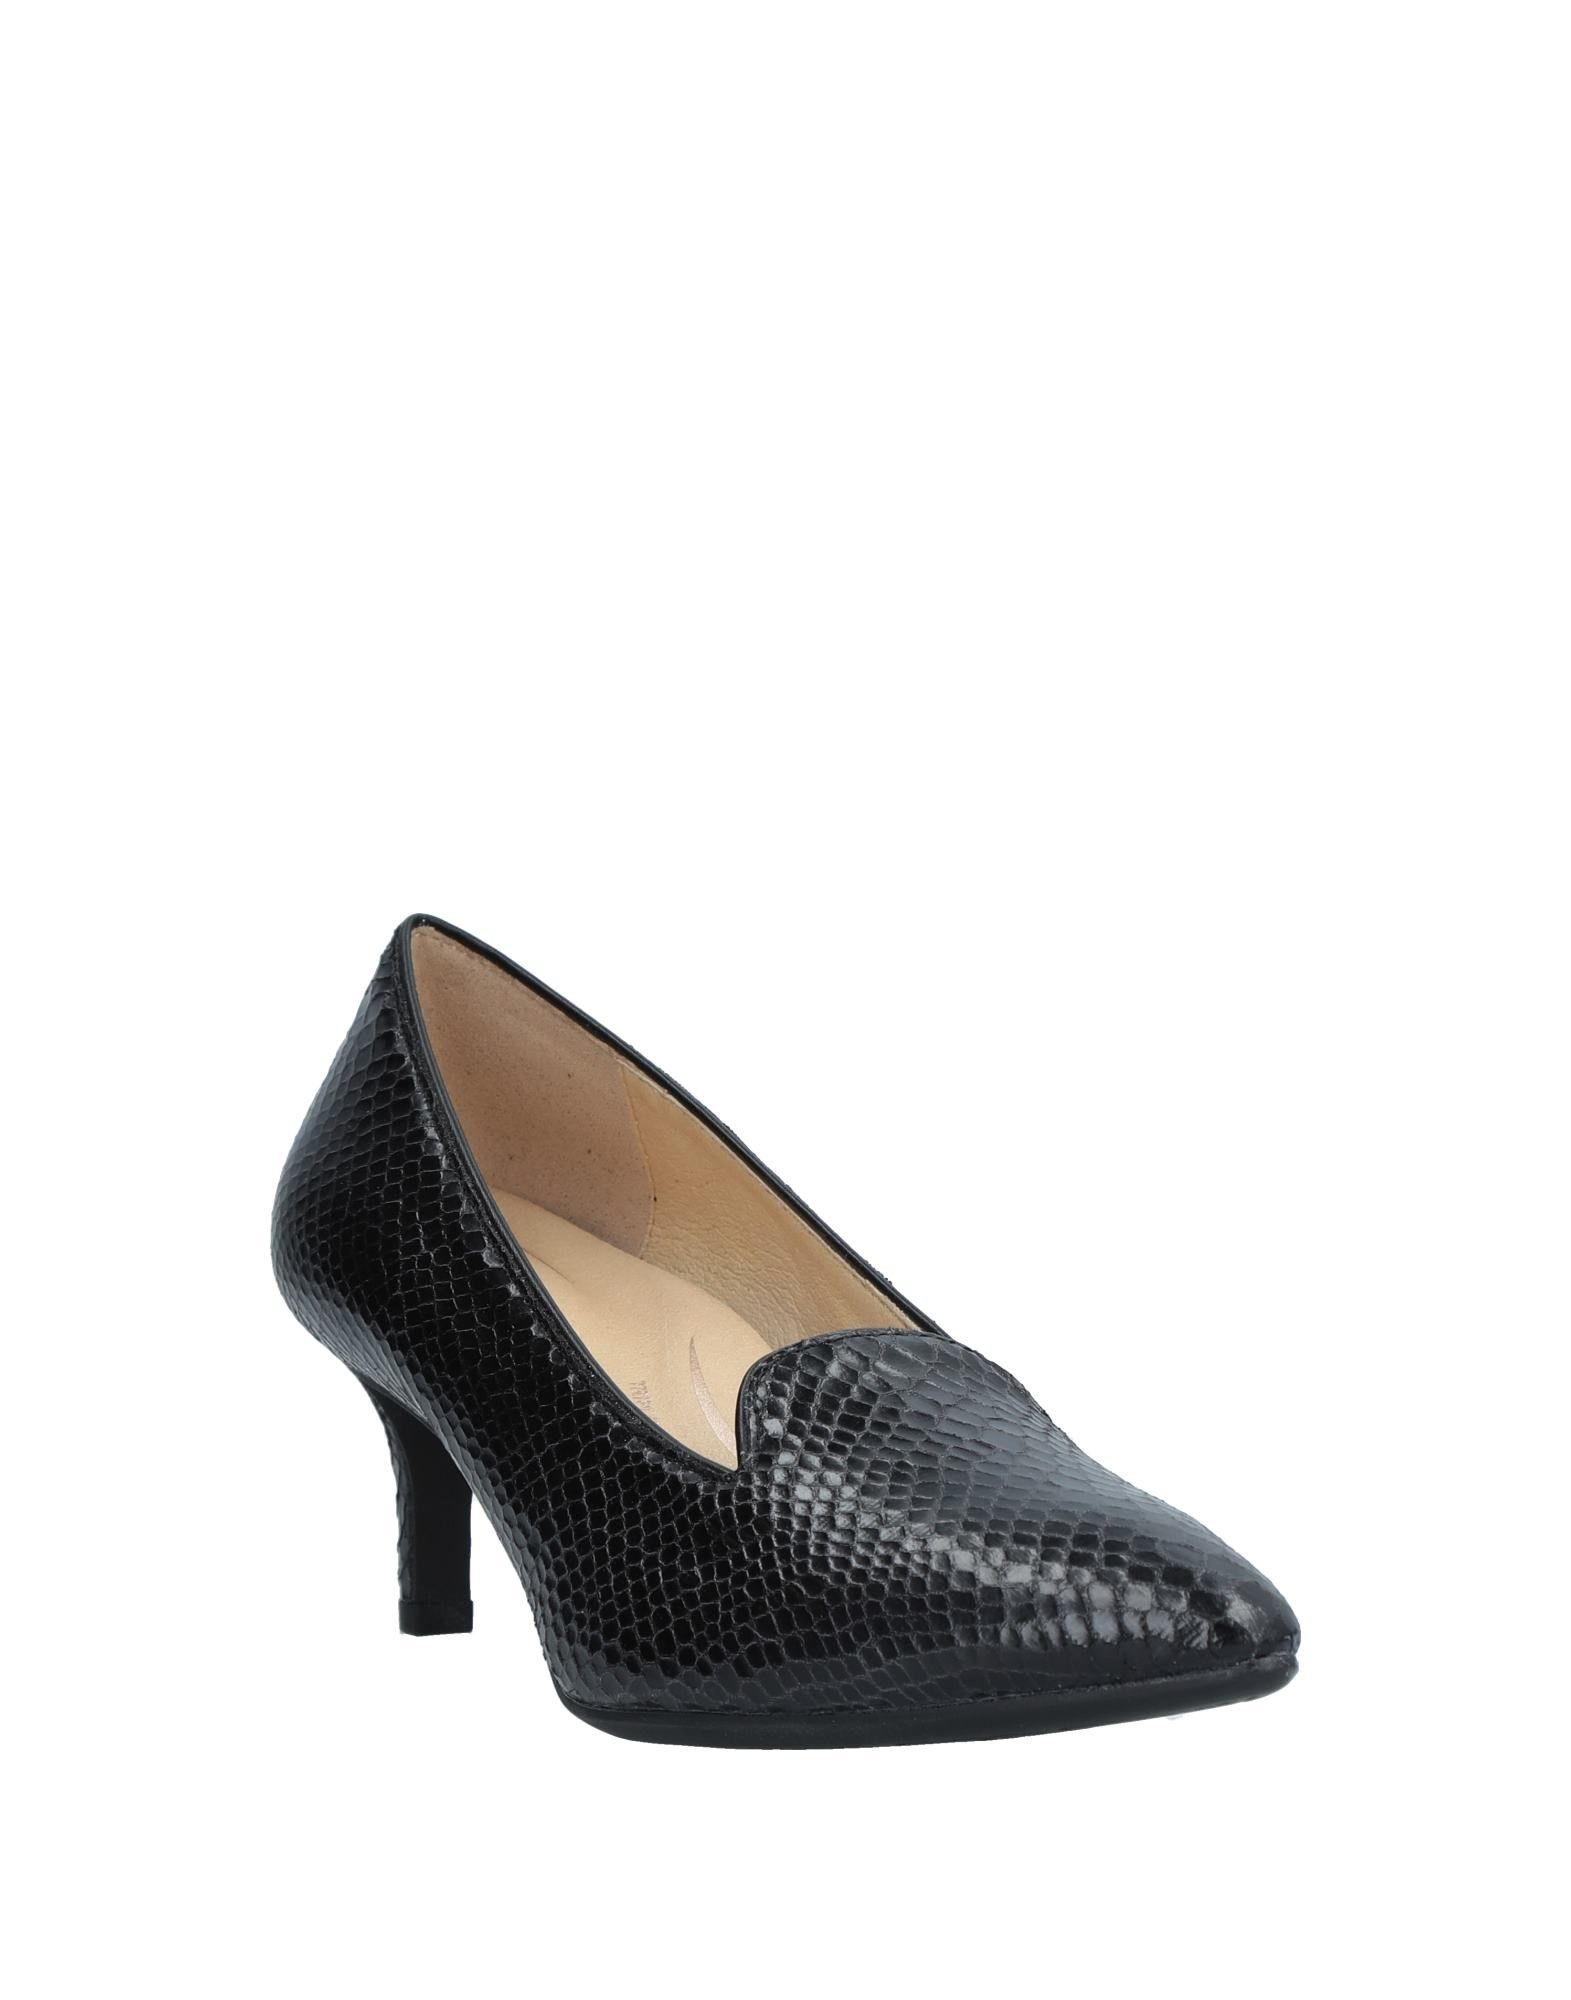 Geox Mokassins Damen Gute  11540961LB Gute Damen Qualität beliebte Schuhe 10fd7d